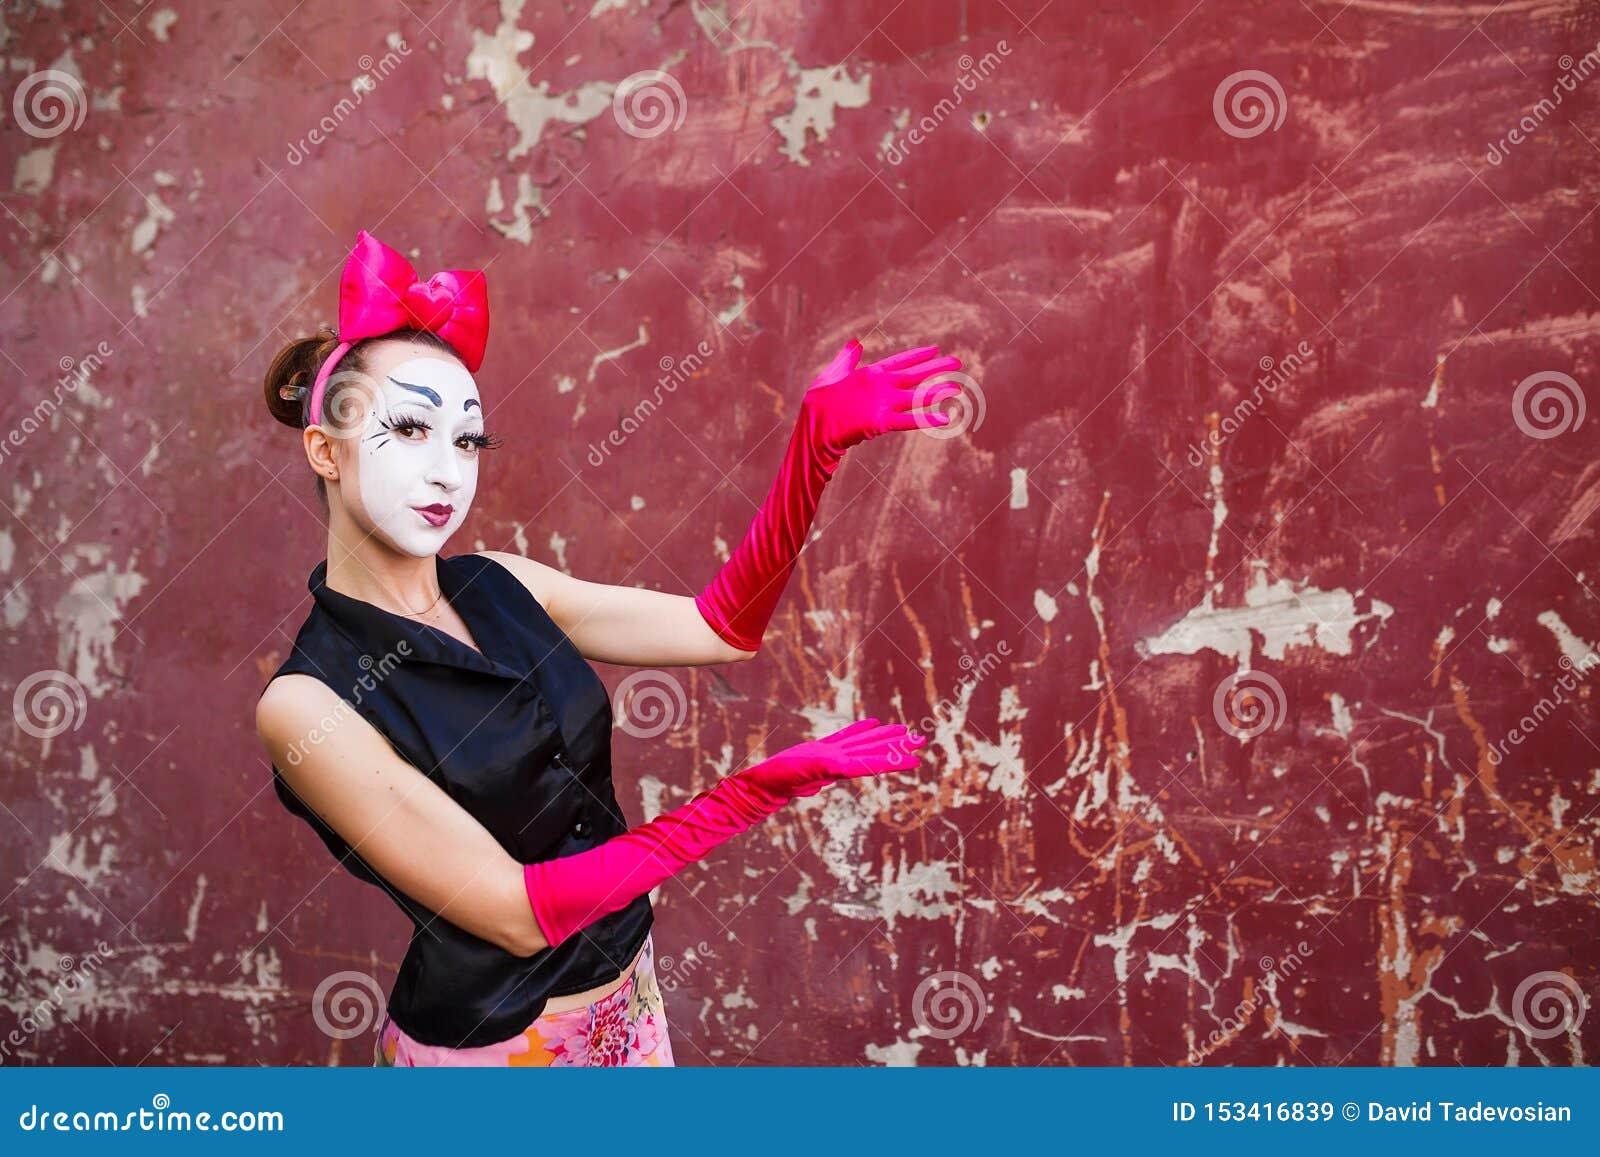 Το Mime δείχνει ένα δάχτυλο στο κέντρο σε ένα κλίμα ενός κόκκινου τοίχου